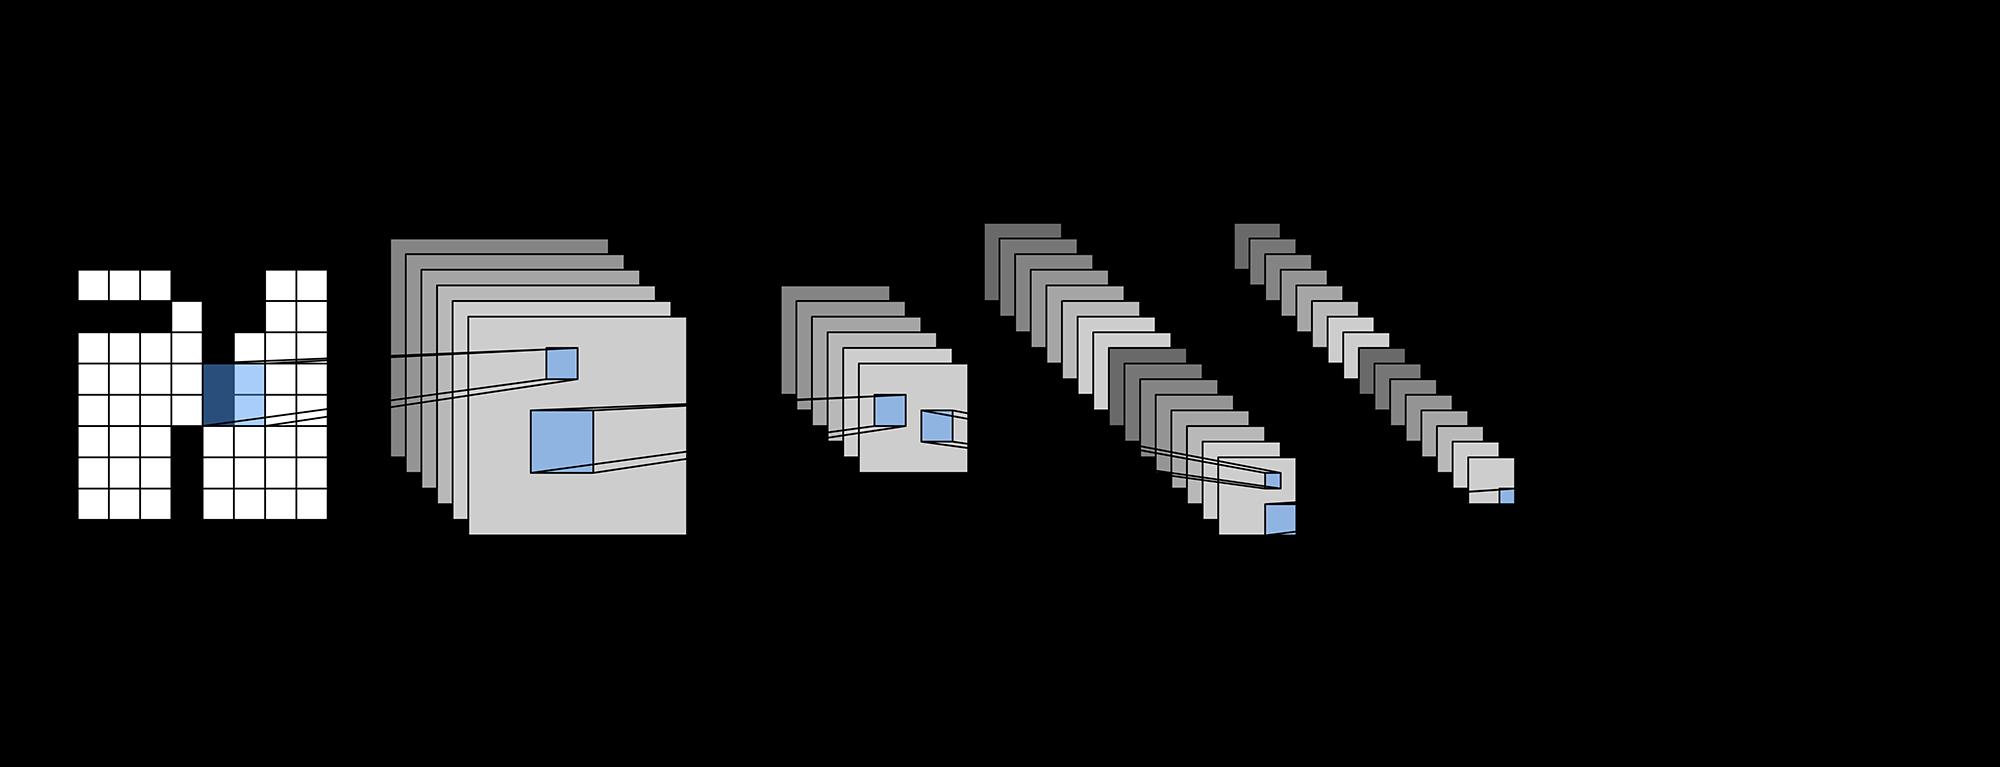 LetNet网络结构